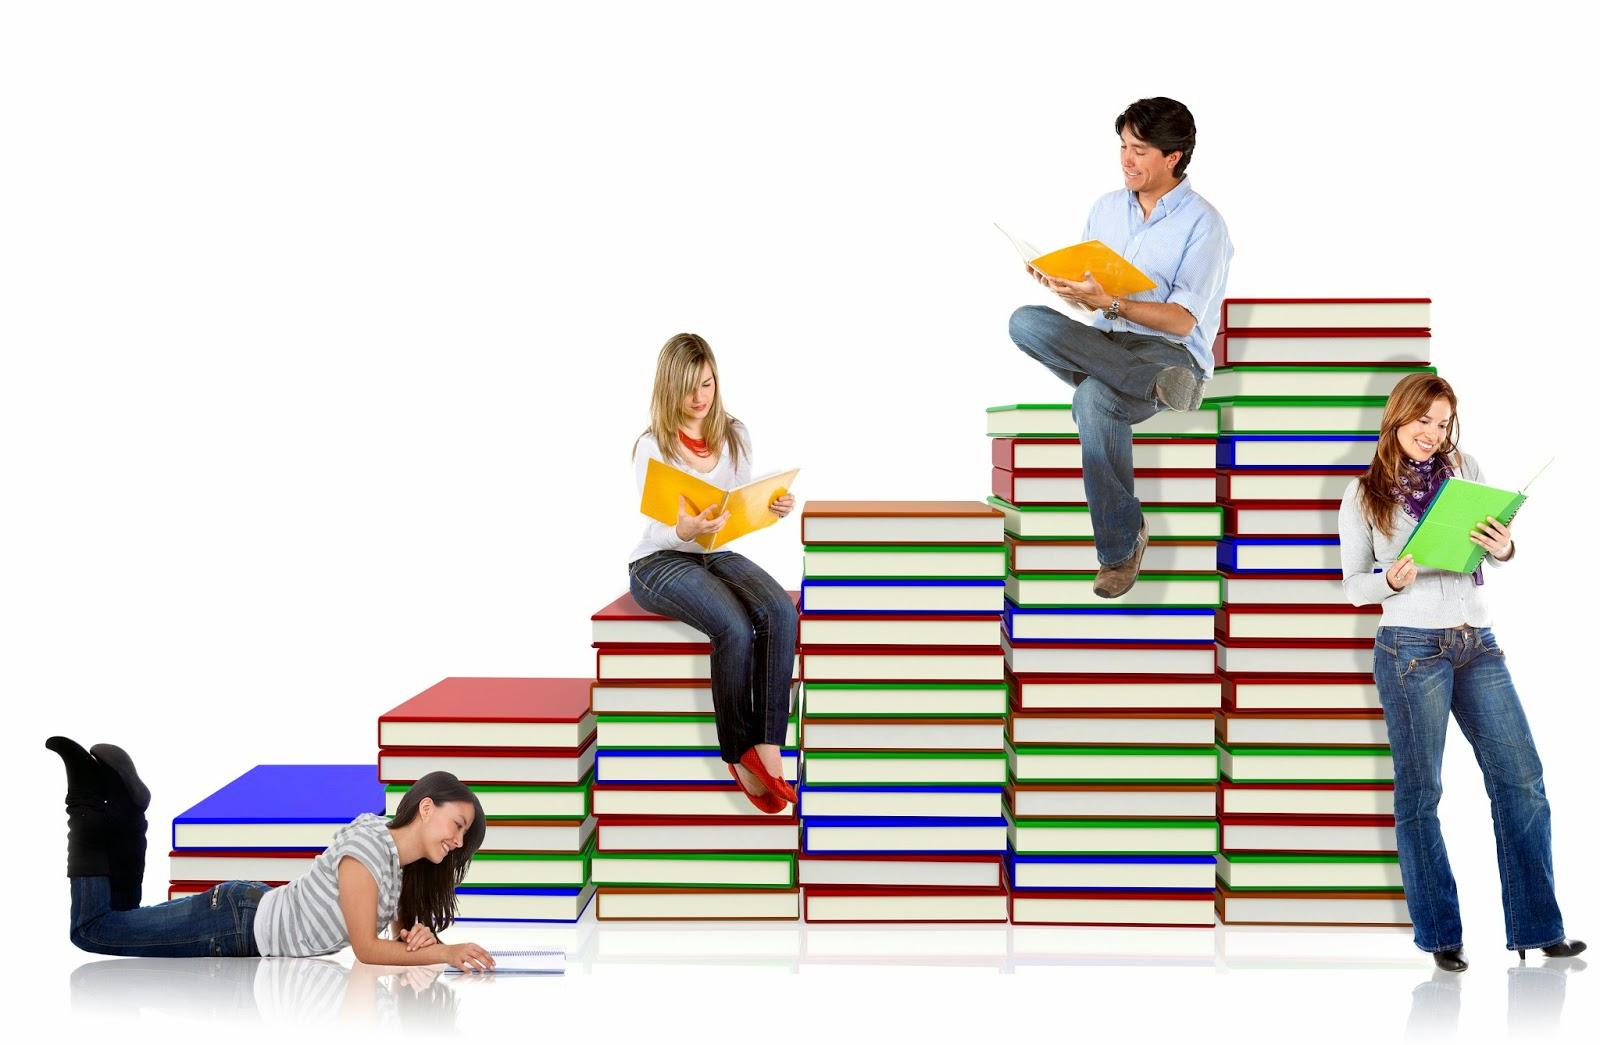 ប្រភពរូបភាព:http://brandmemarketing.co.uk/brand-marketing-review-importance-education-life-business/